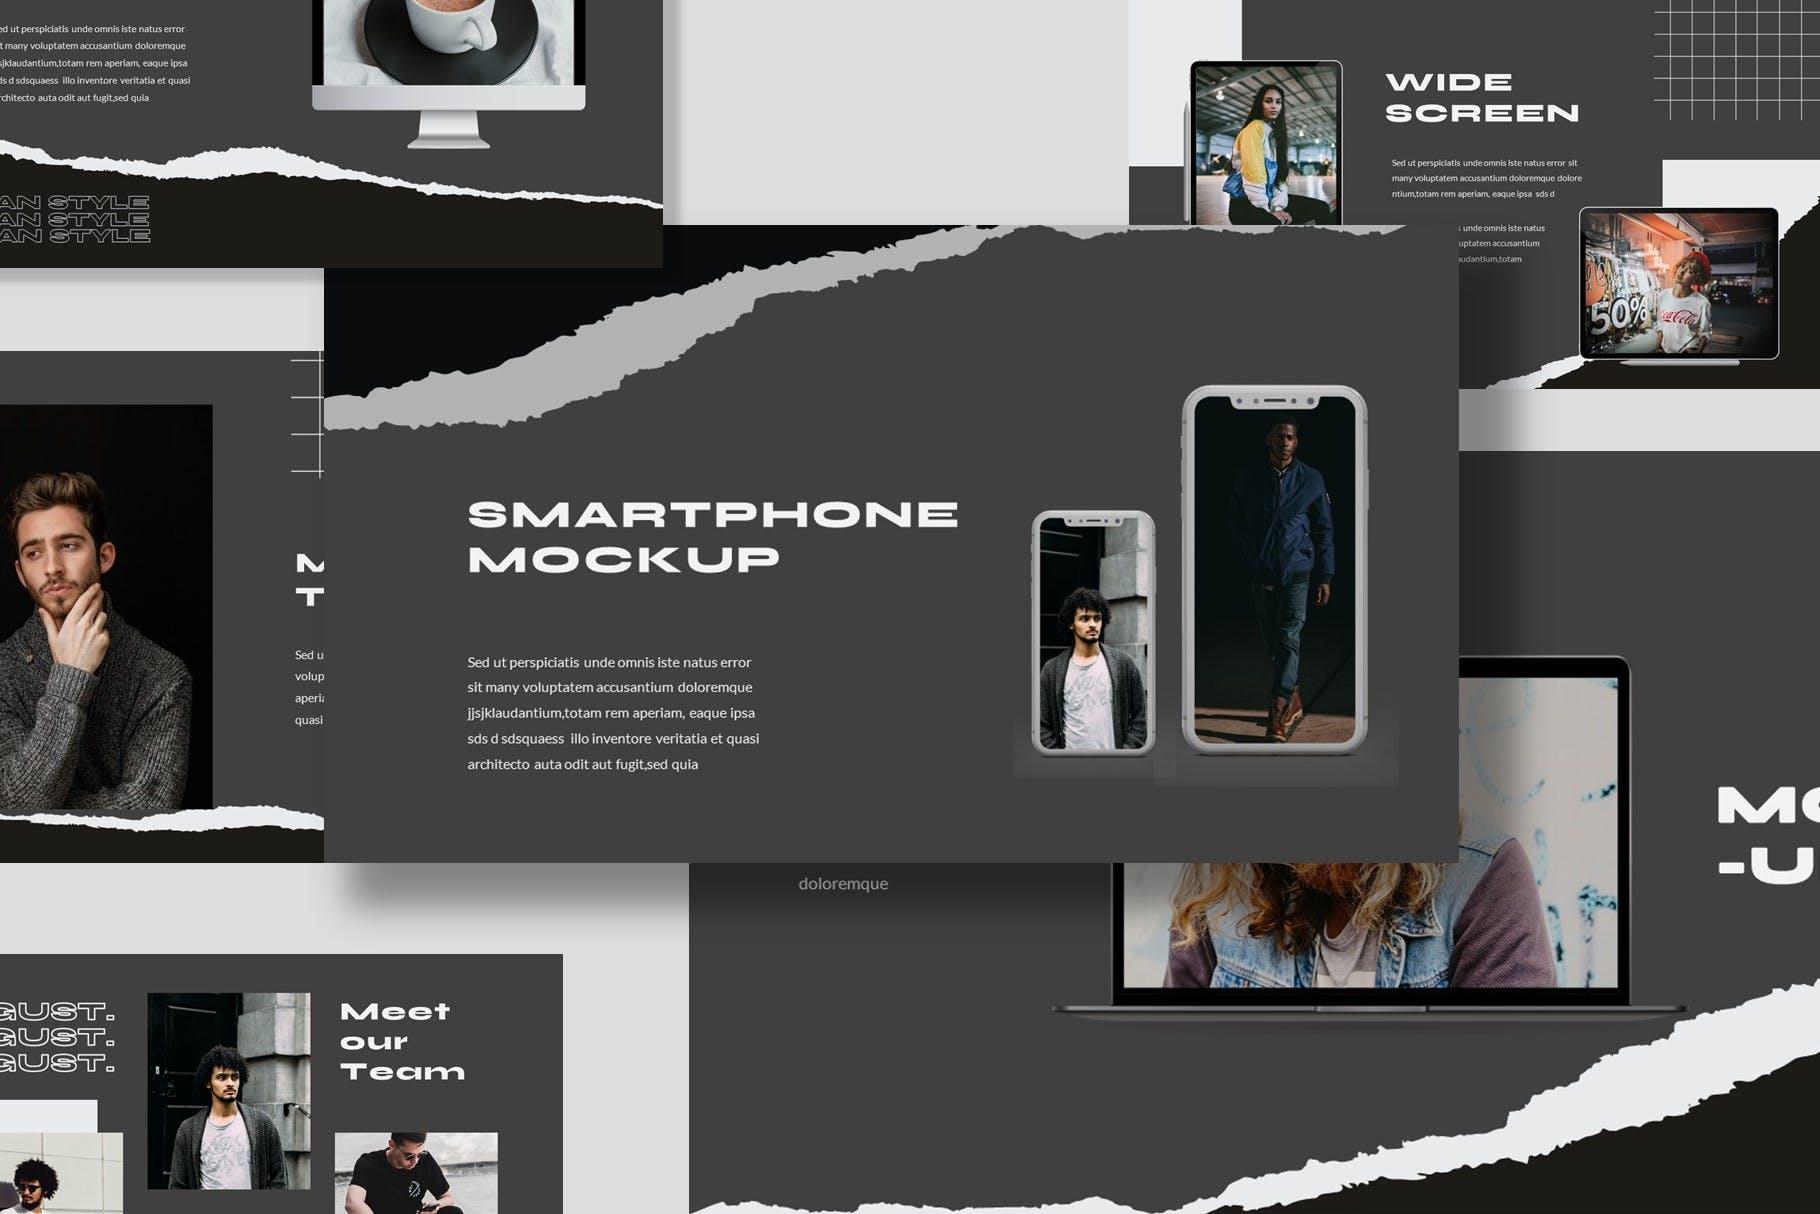 潮流撕纸效果品牌策划提案简报演示文稿设计模板 Argust Powerpoint Template插图6